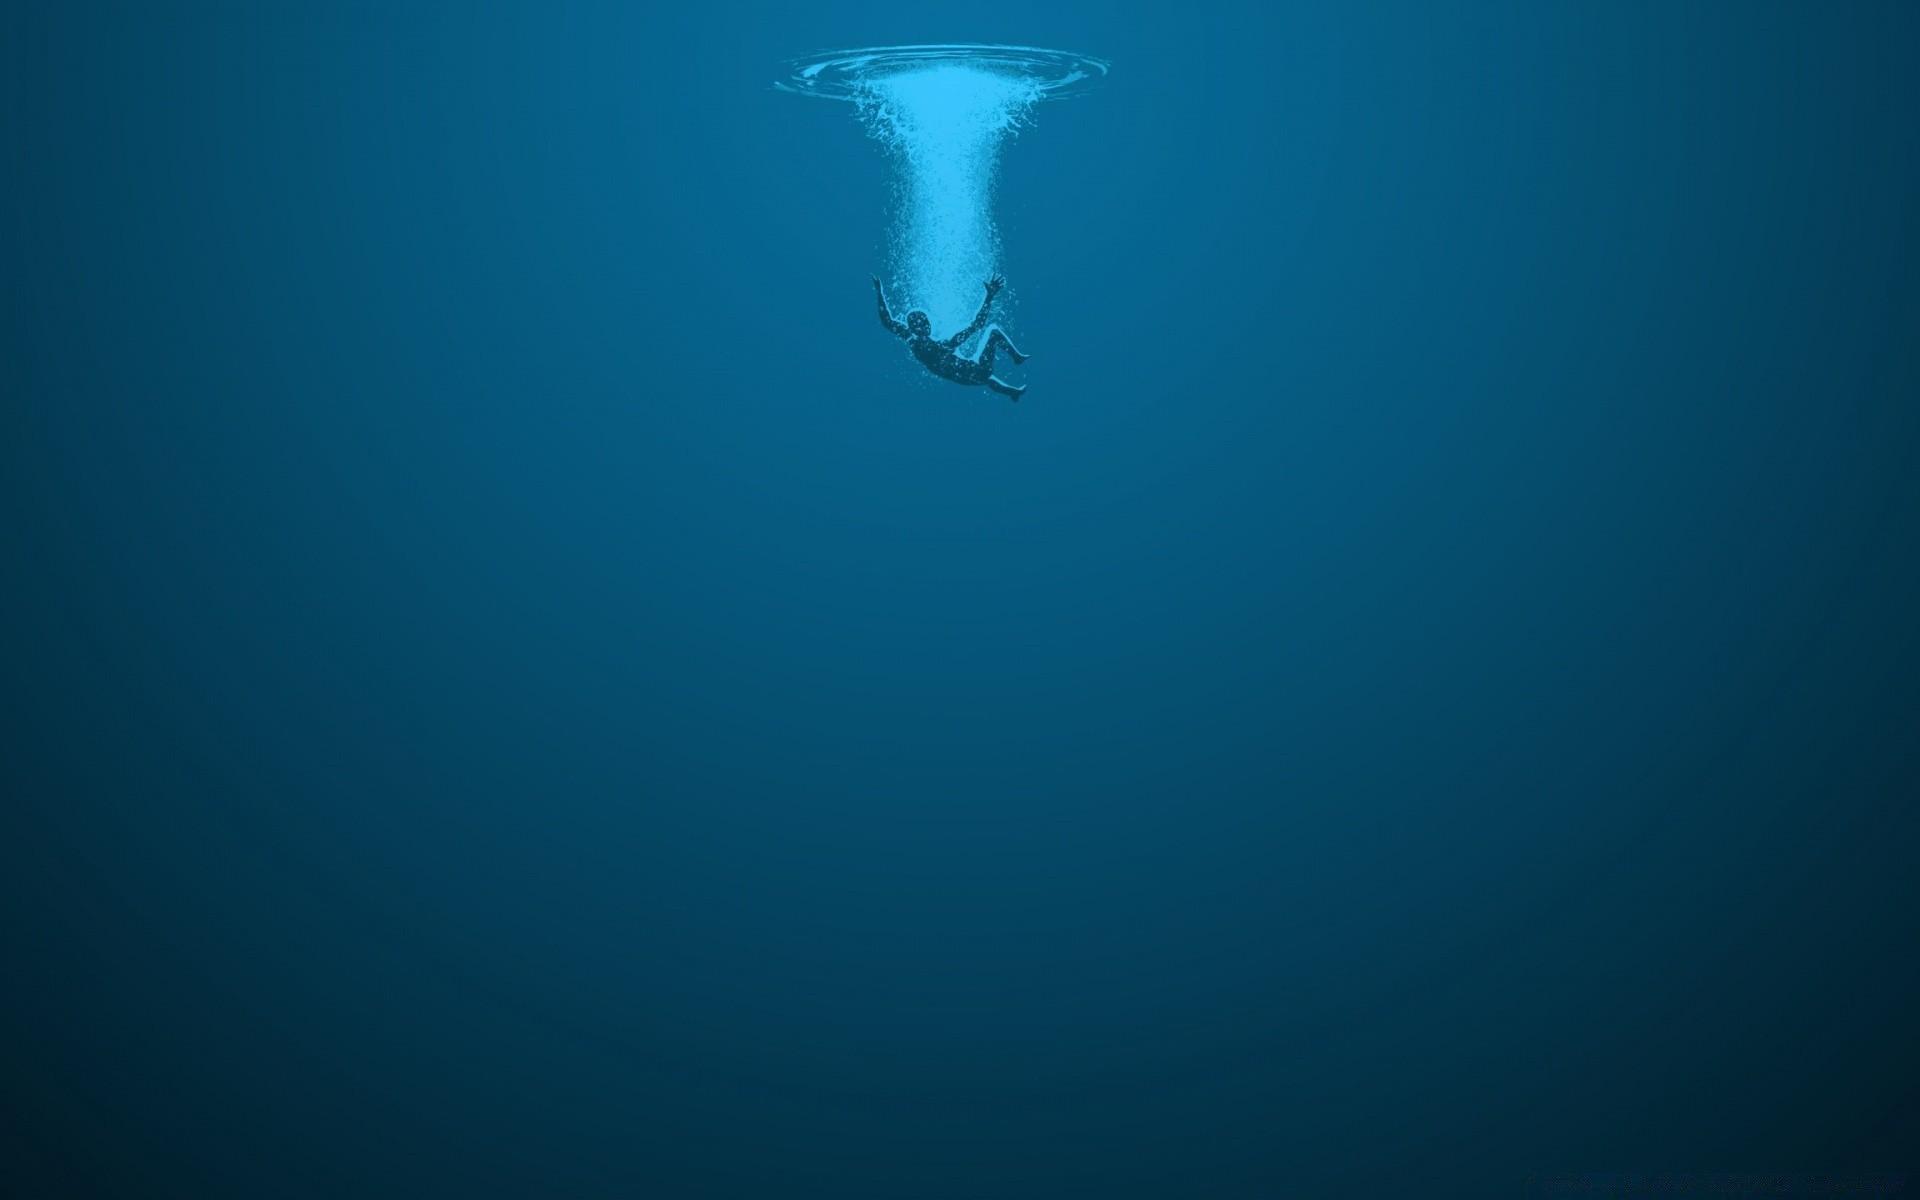 Обои рыбы, синева, дно, кораллы, подводный мир картинки на рабочий ...   1200x1920